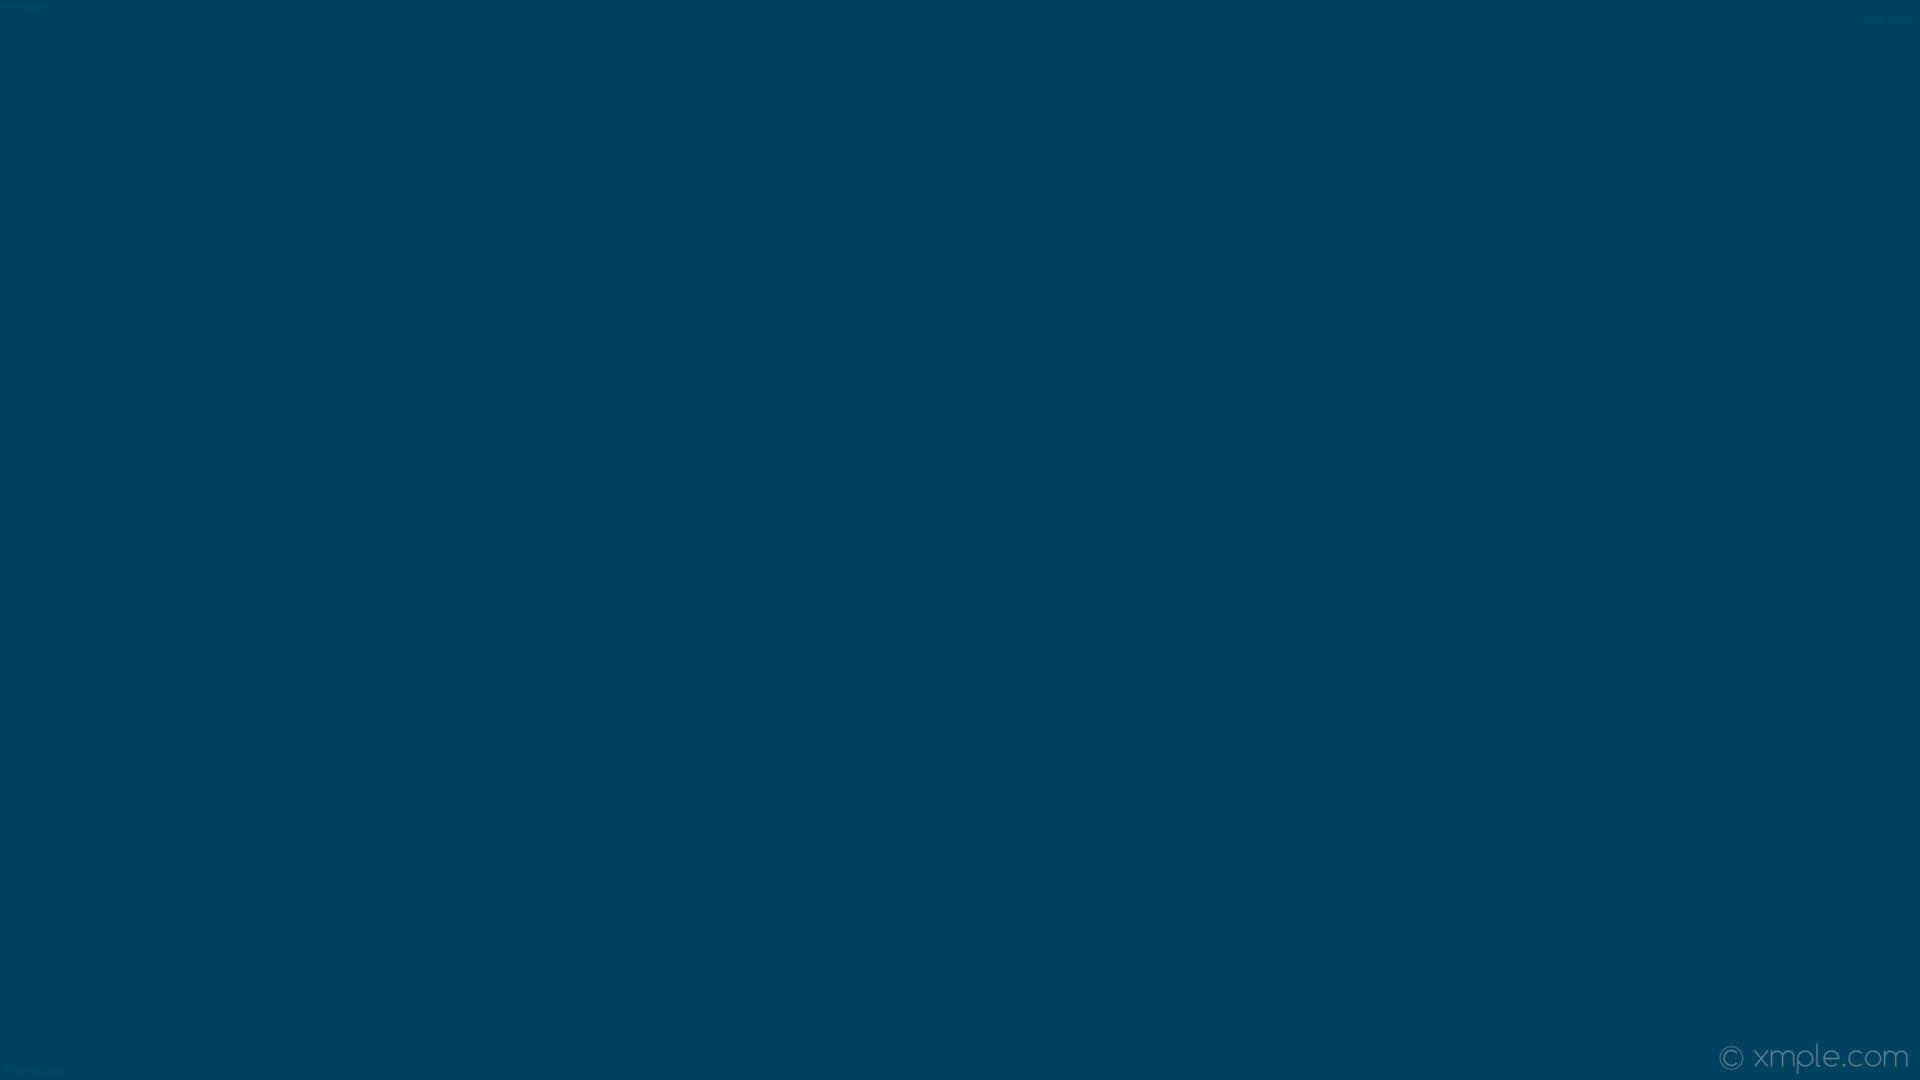 wallpaper one colour single solid color azure plain dark azure #024261